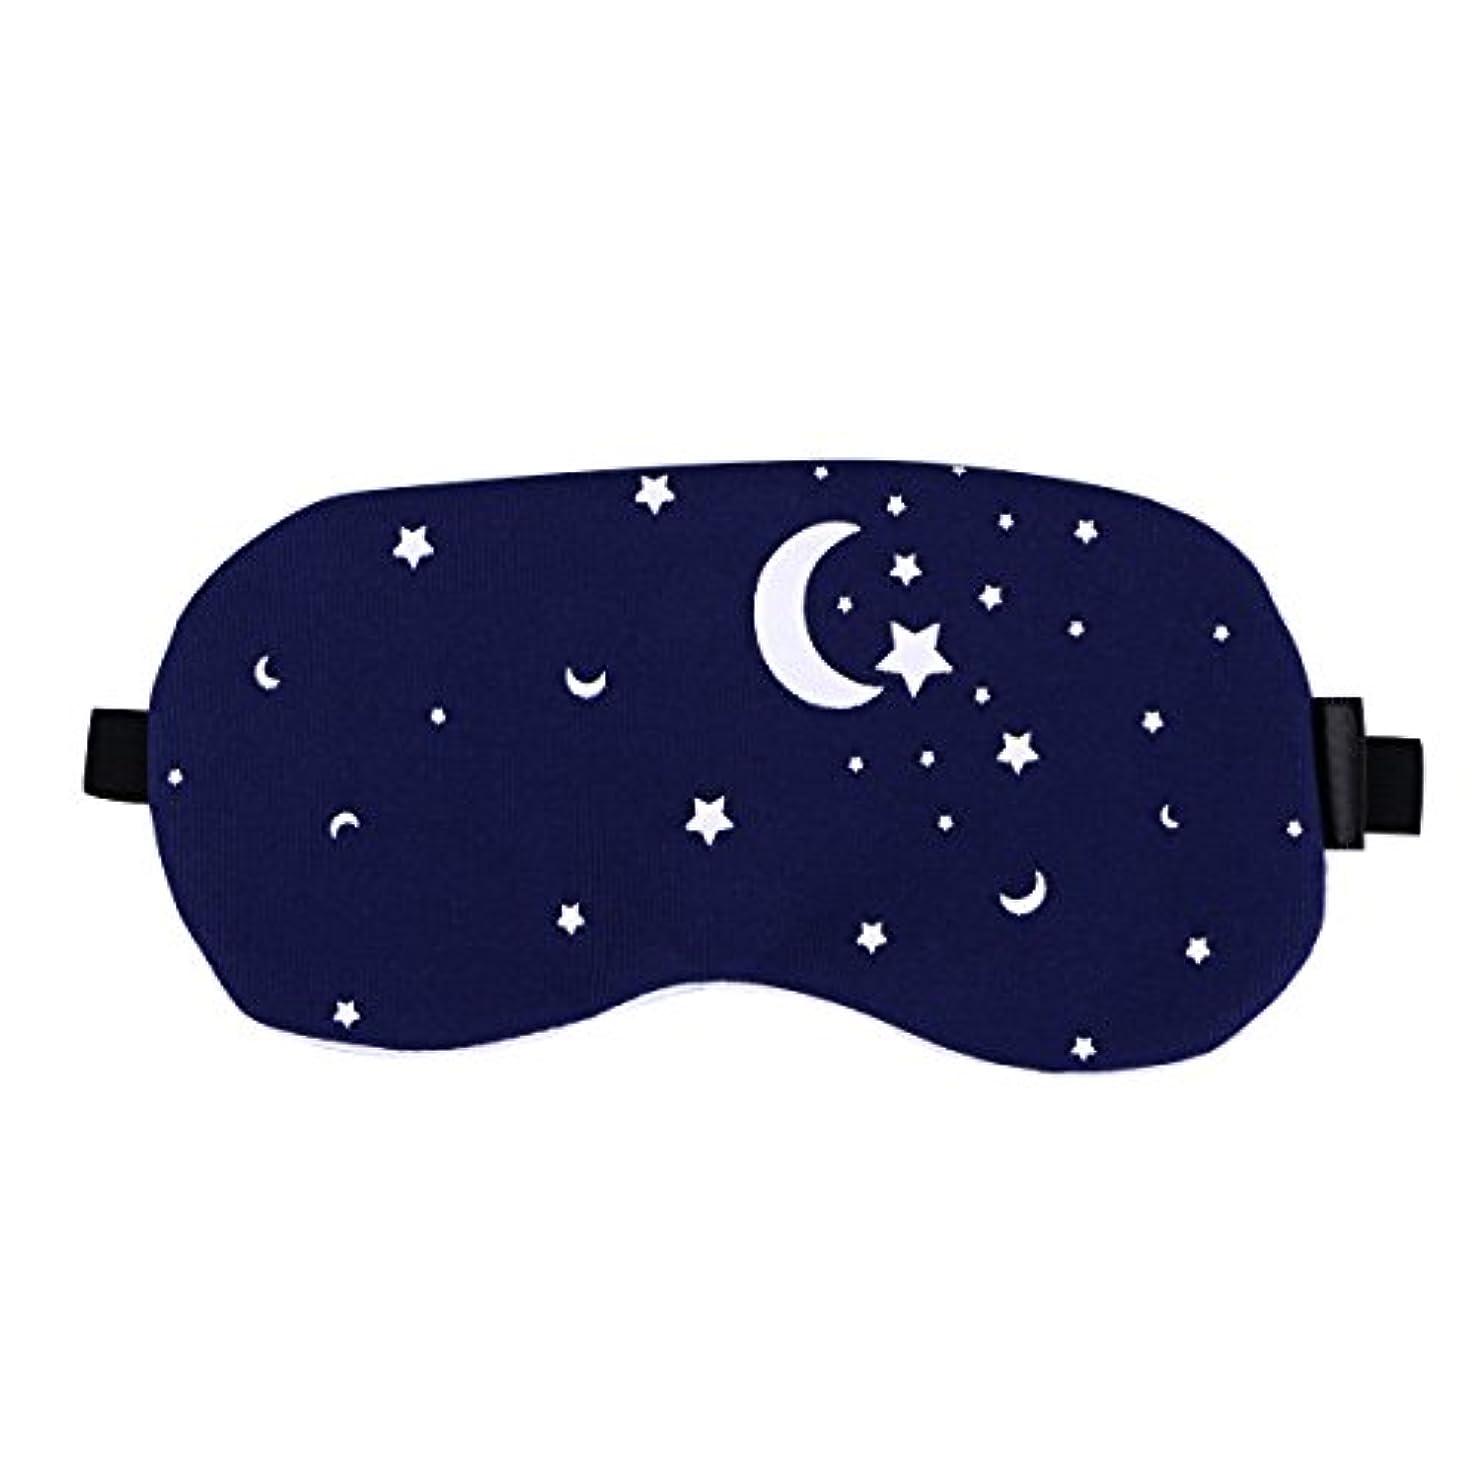 ピース終わった共産主義Healifty 男性と女性のための夜の眠りの目のマスクの綿とリネンの睡眠の盲目の睡眠のマスクのアイカバー調節可能なアイシェード(星空)